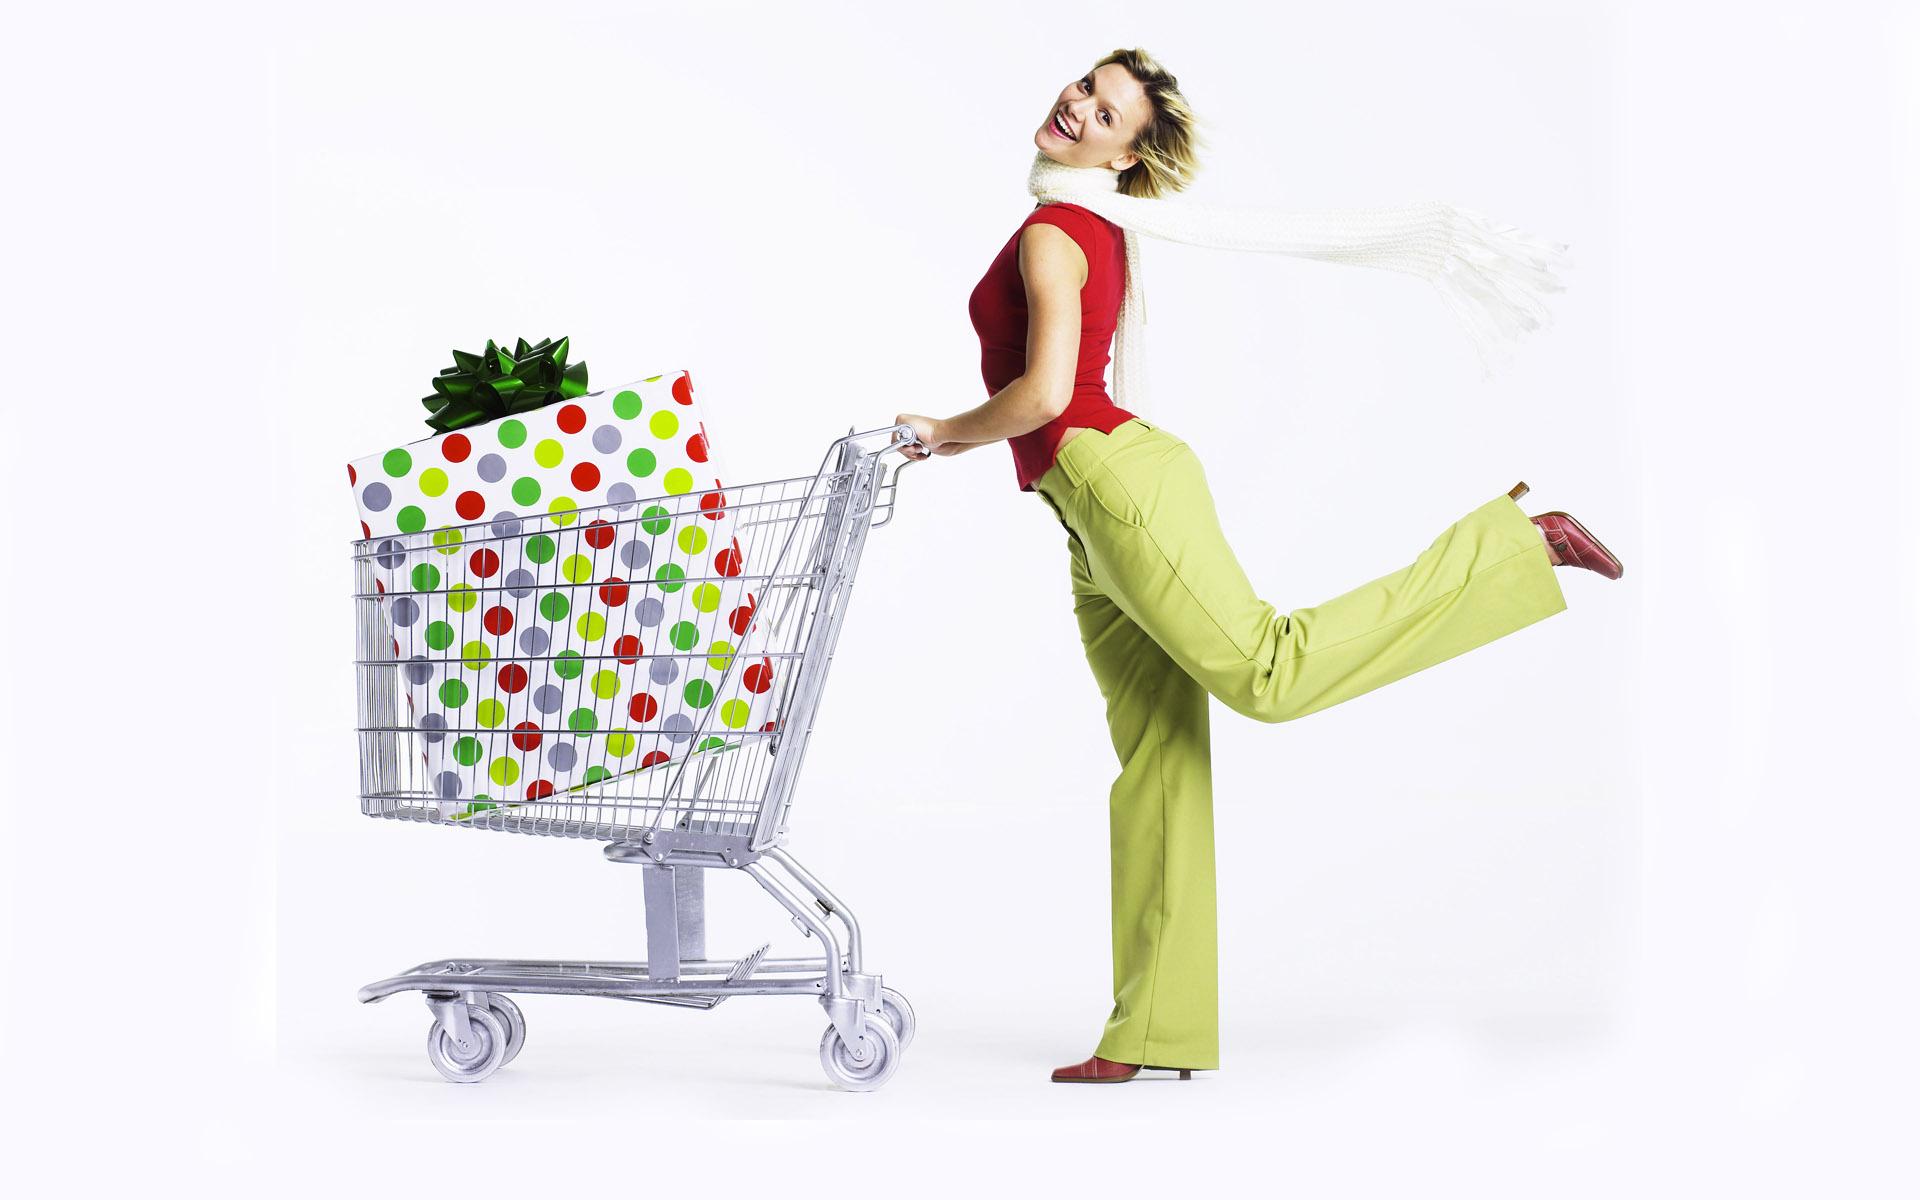 a商场v商场的商场美女高清图片素材1(20P)[中国性感美女鱼嘴鞋图片